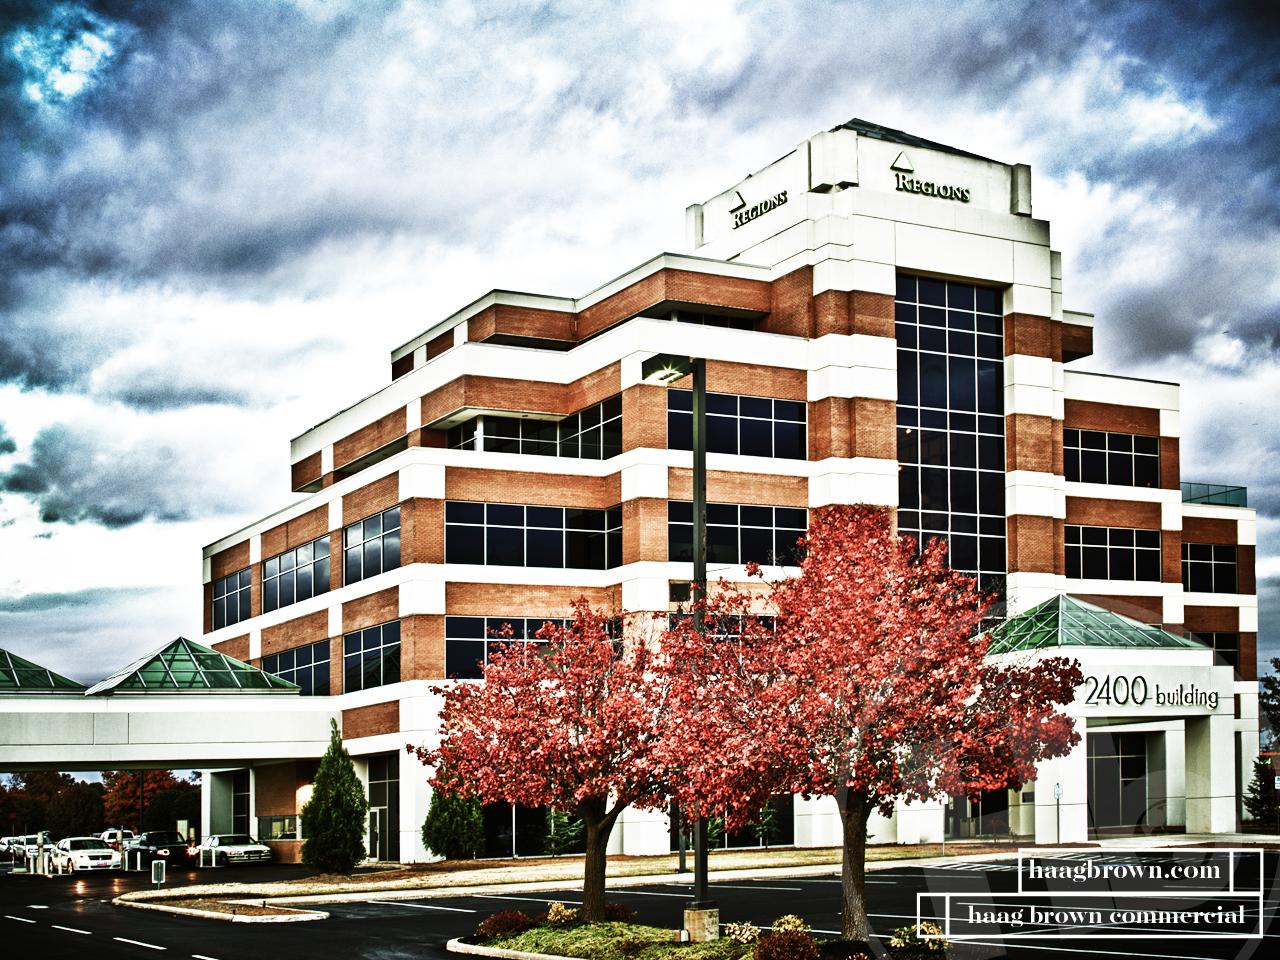 2400 Building in Jonesboro, AR